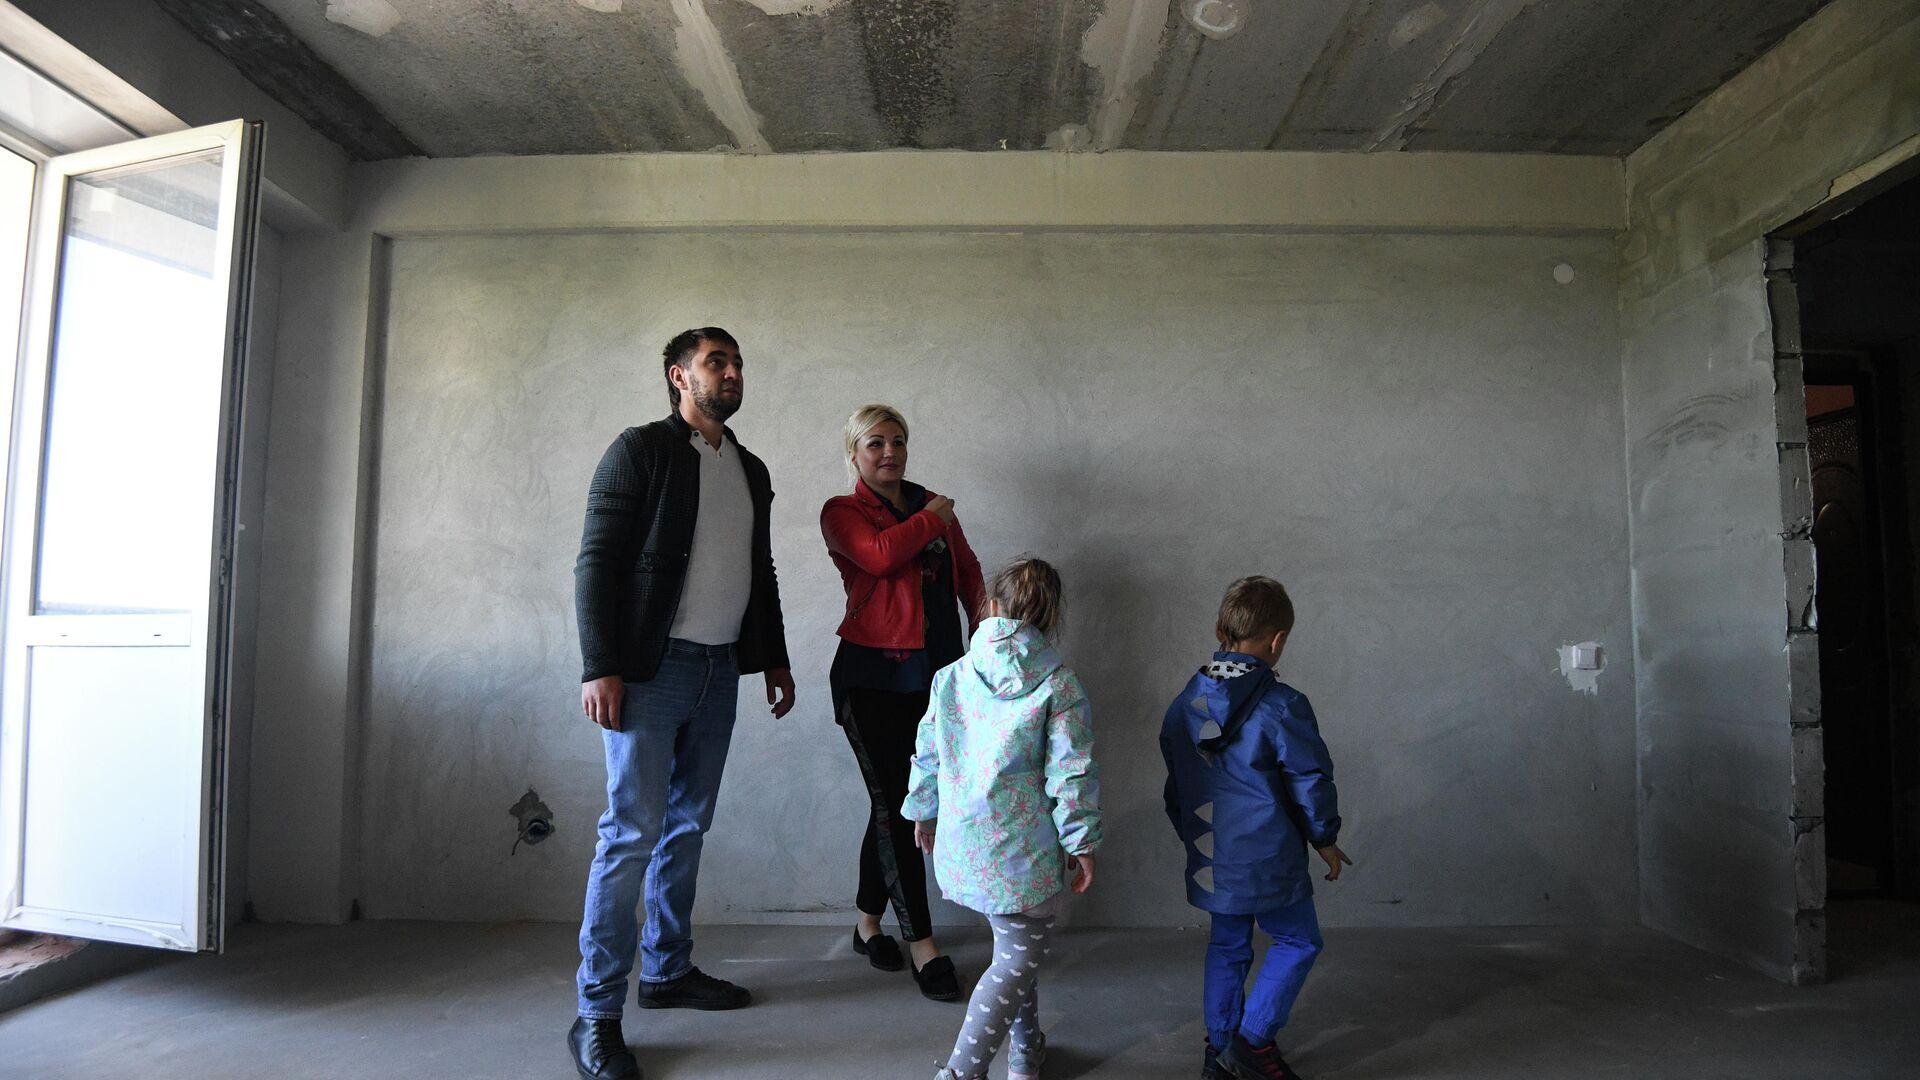 Семья осматривает квартиру нового дома - РИА Новости, 1920, 01.09.2020